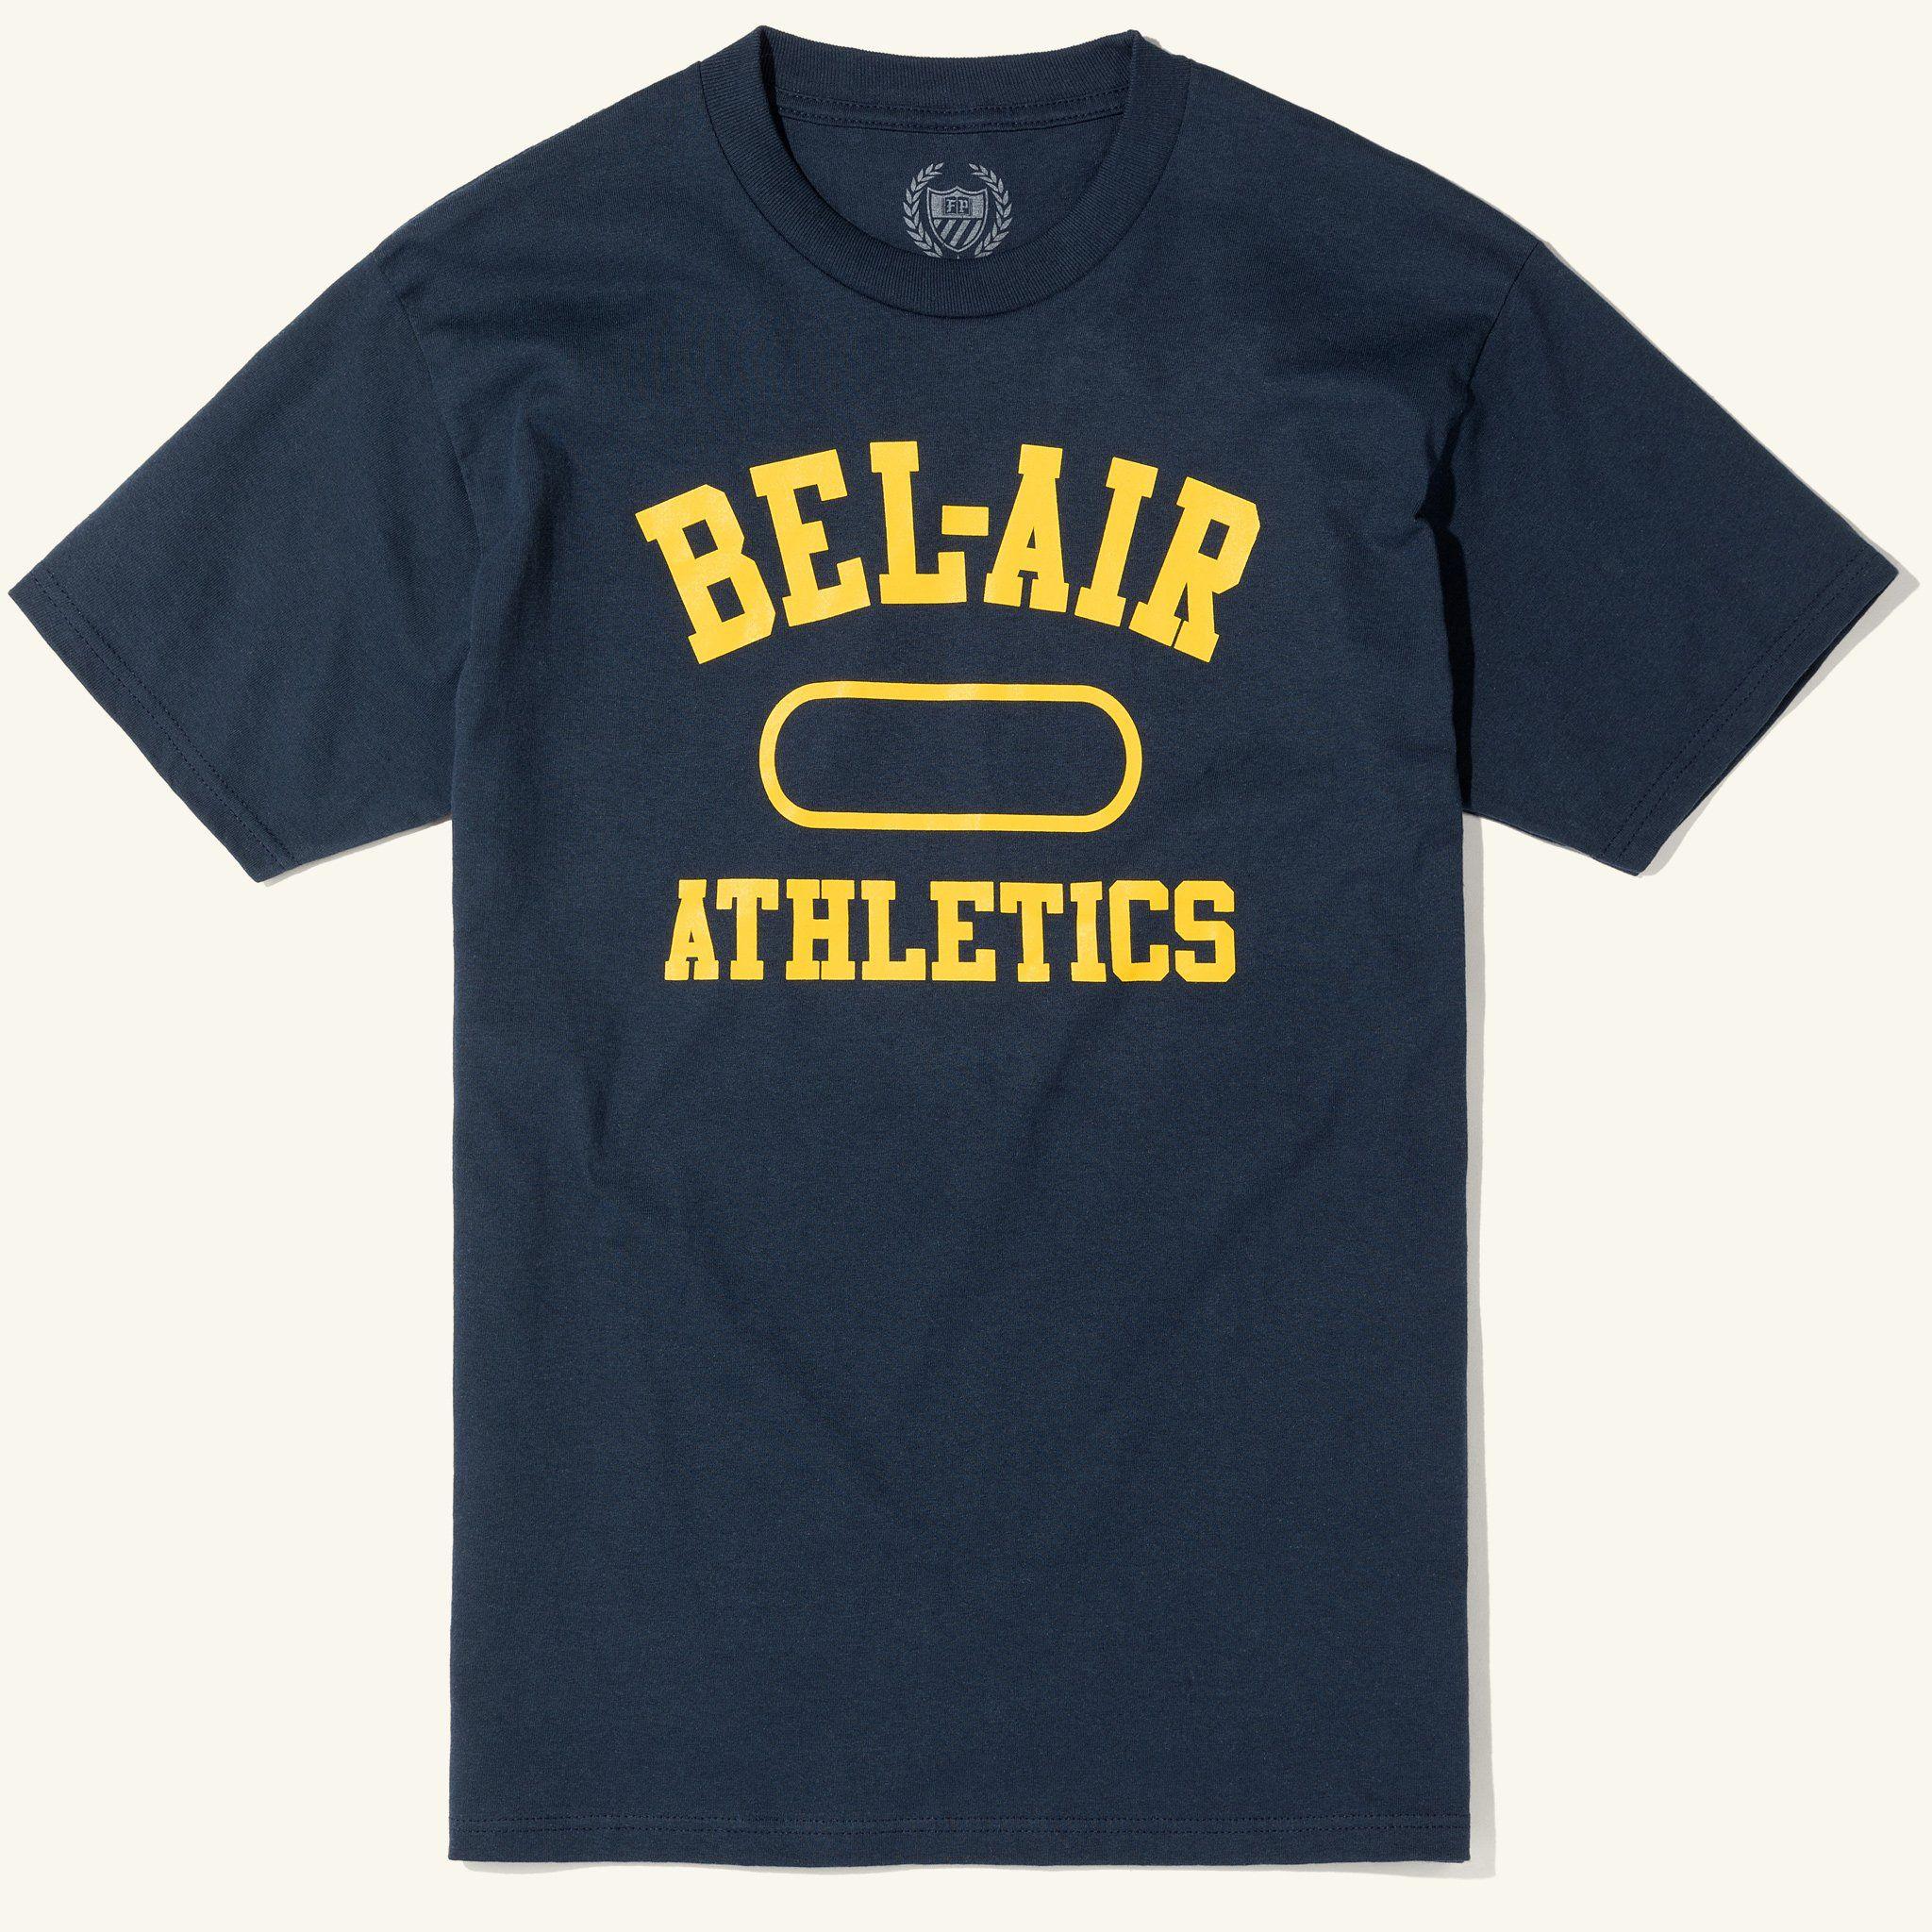 BelAir Athletics Tee, Navy Bel air, Athlete, Mens tops